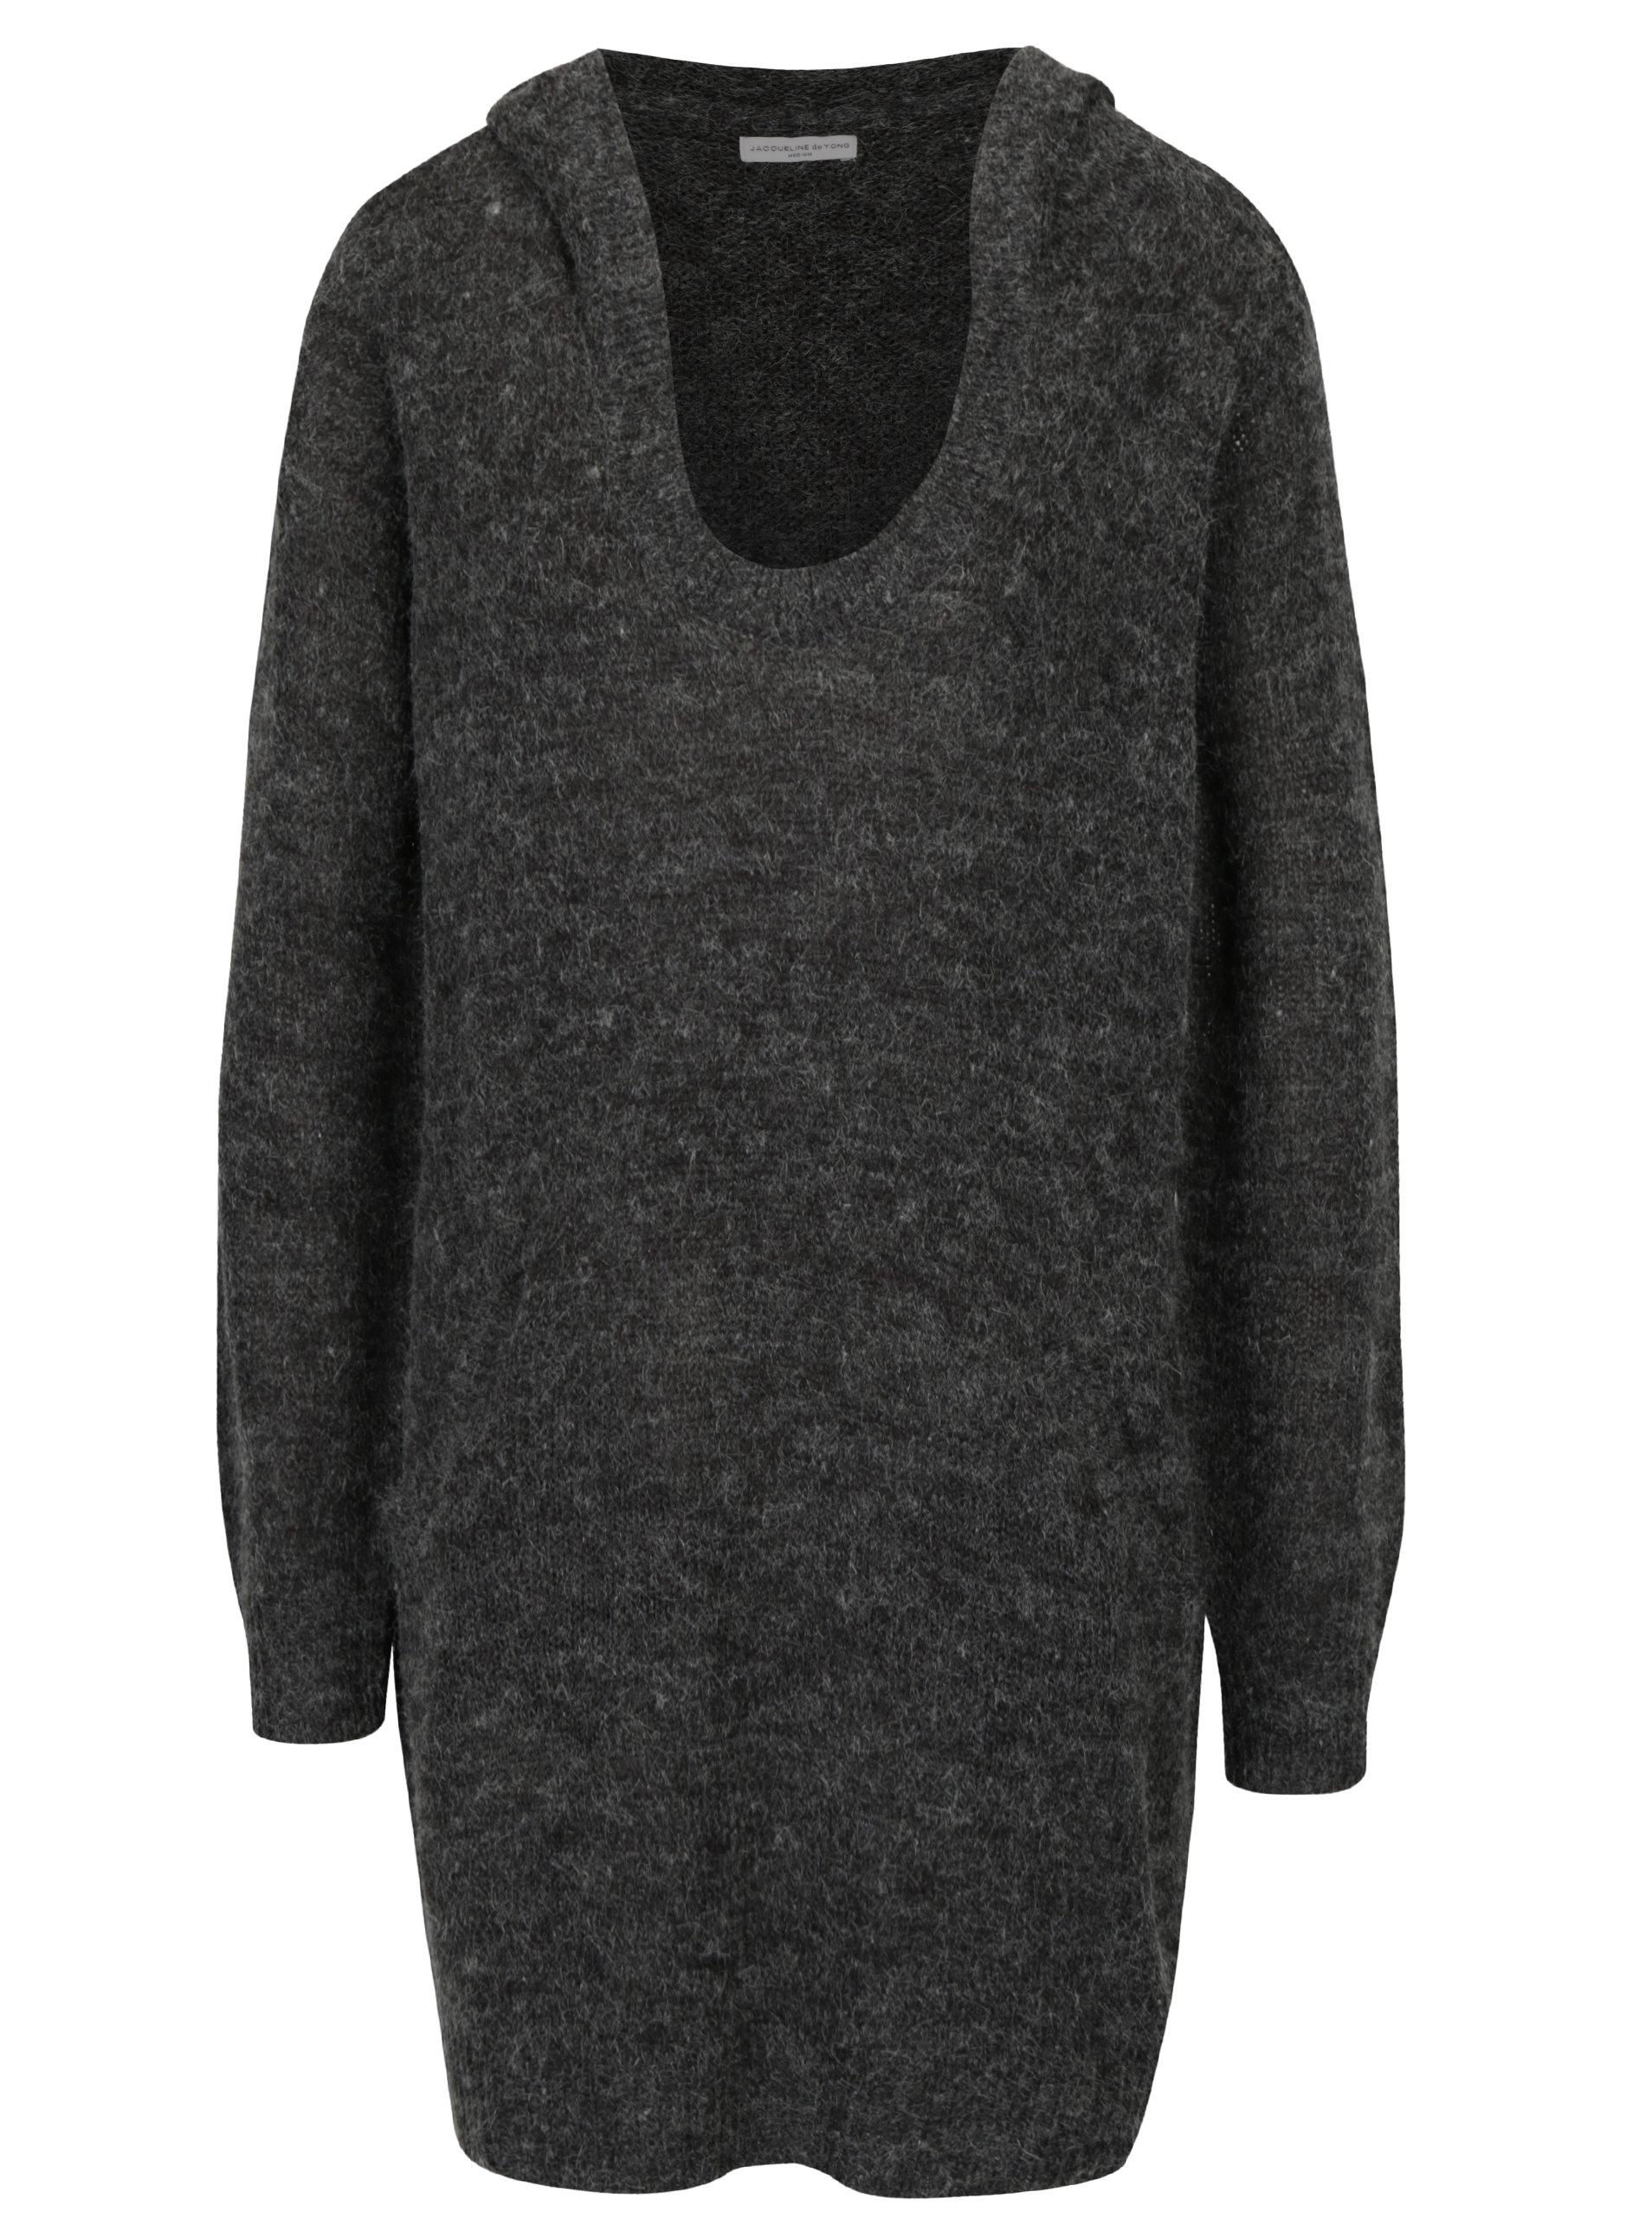 Tmavě šedý žíhaný dlouhý svetr s kapucí Jacqueline de Yong Aika ... 290413b965